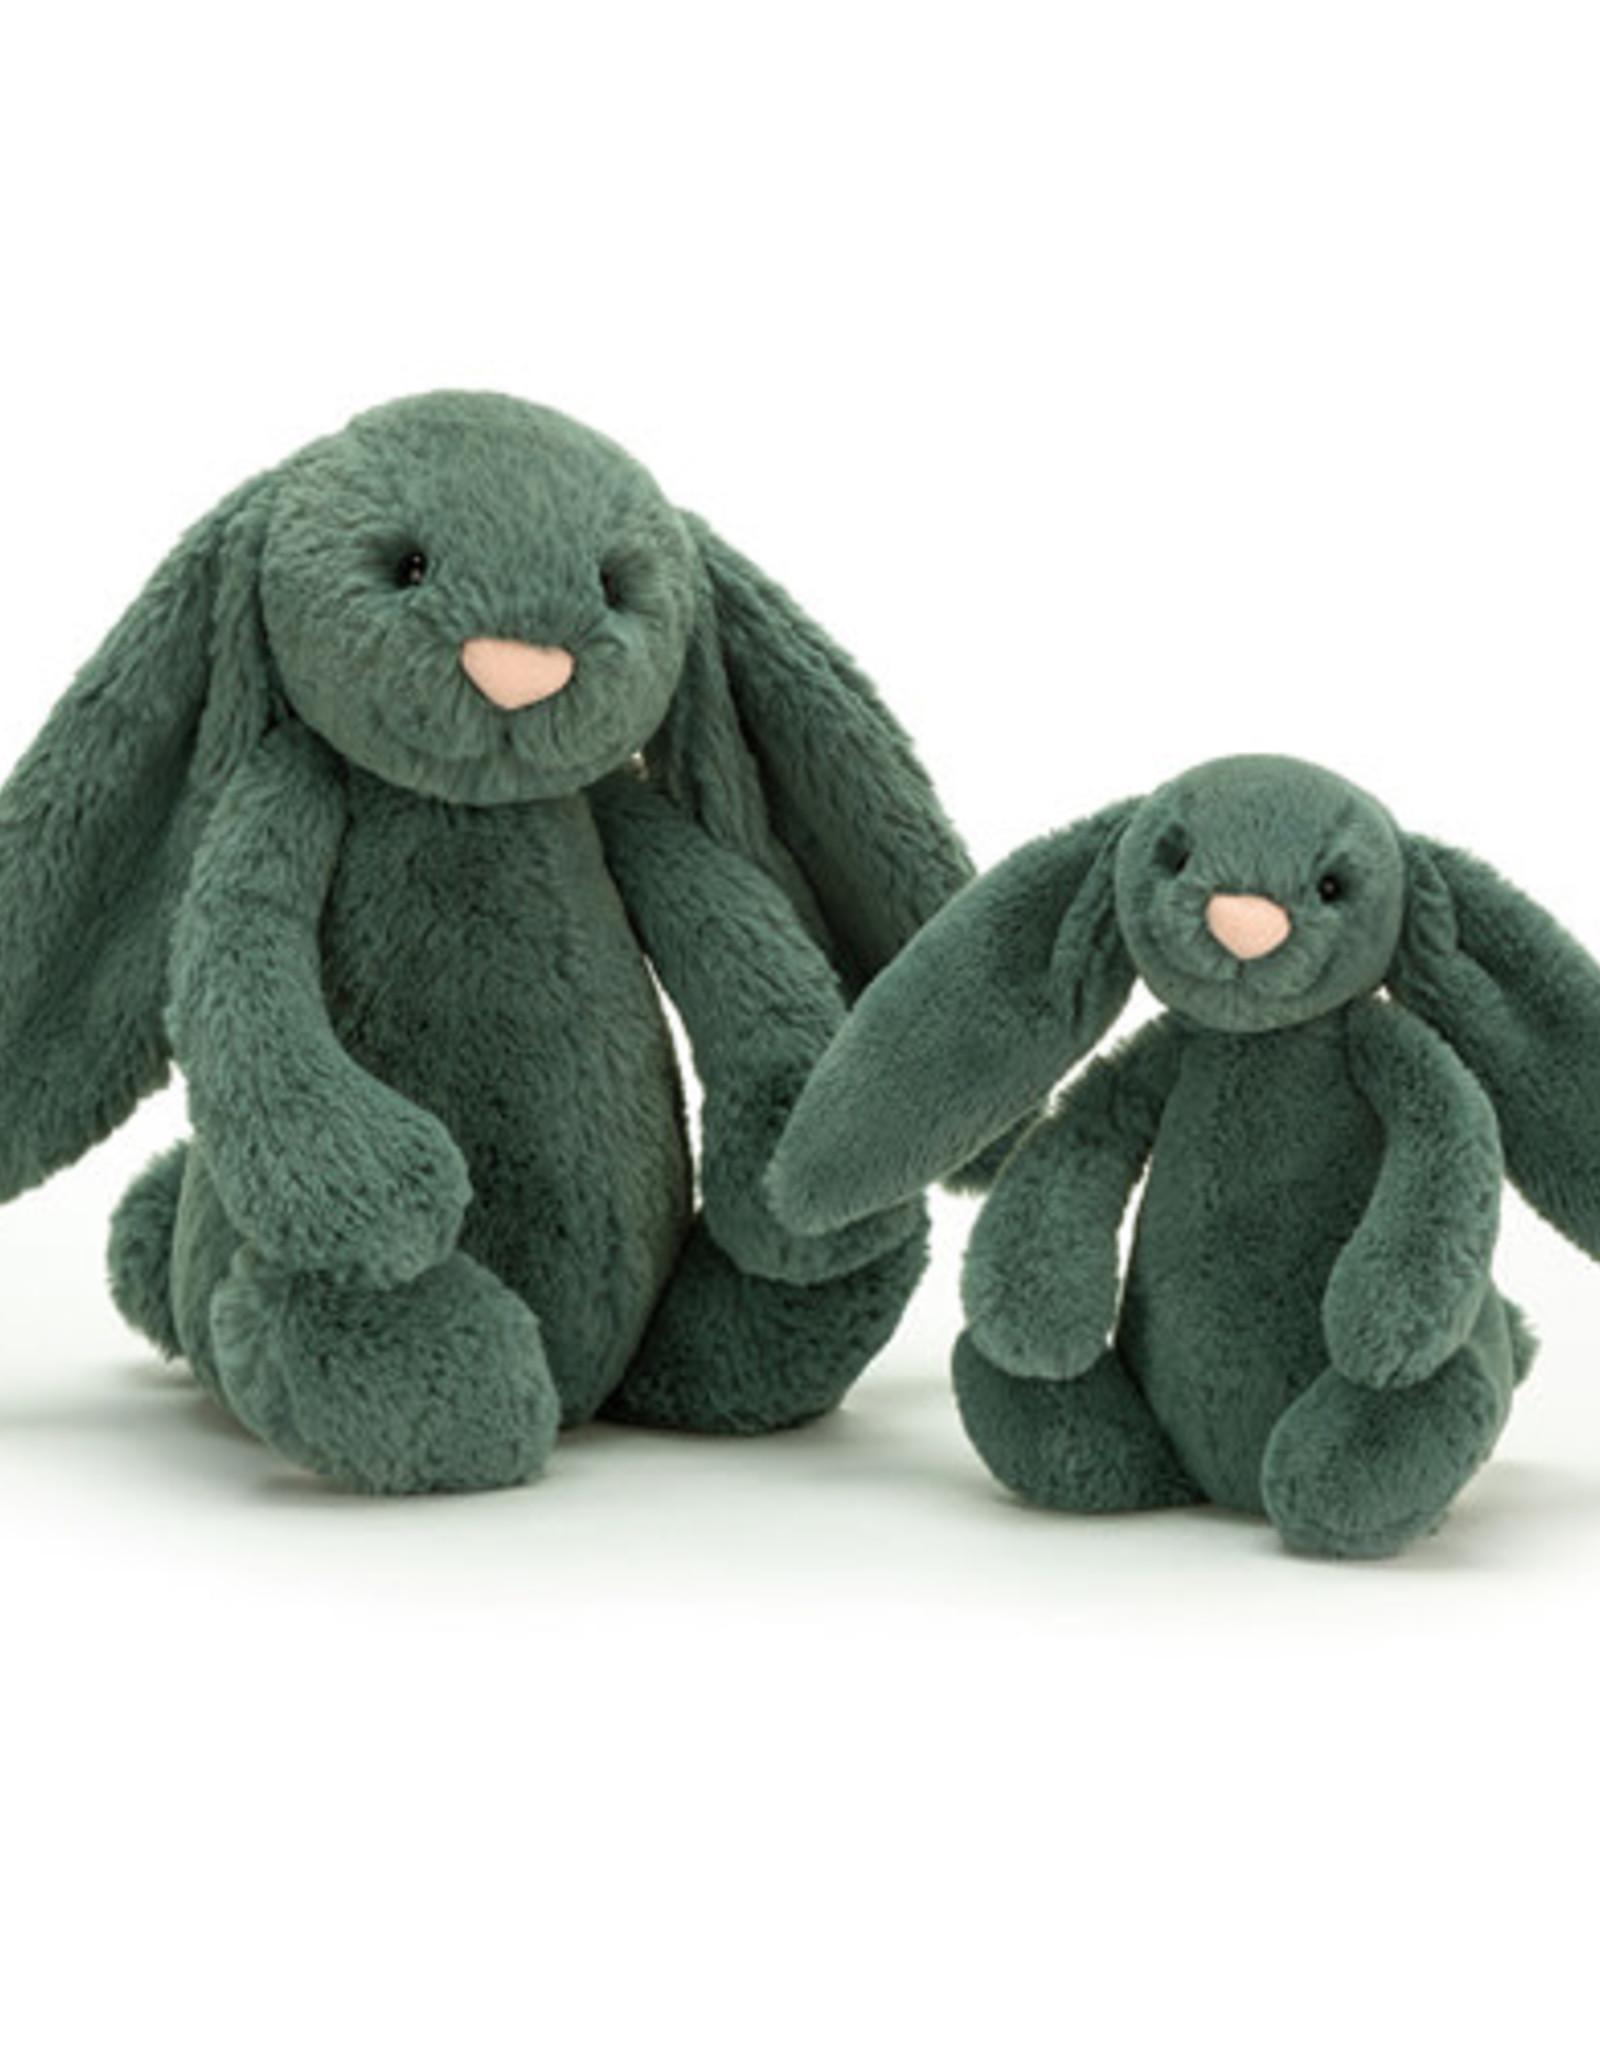 Jellycat Bashful Bunny Forest M